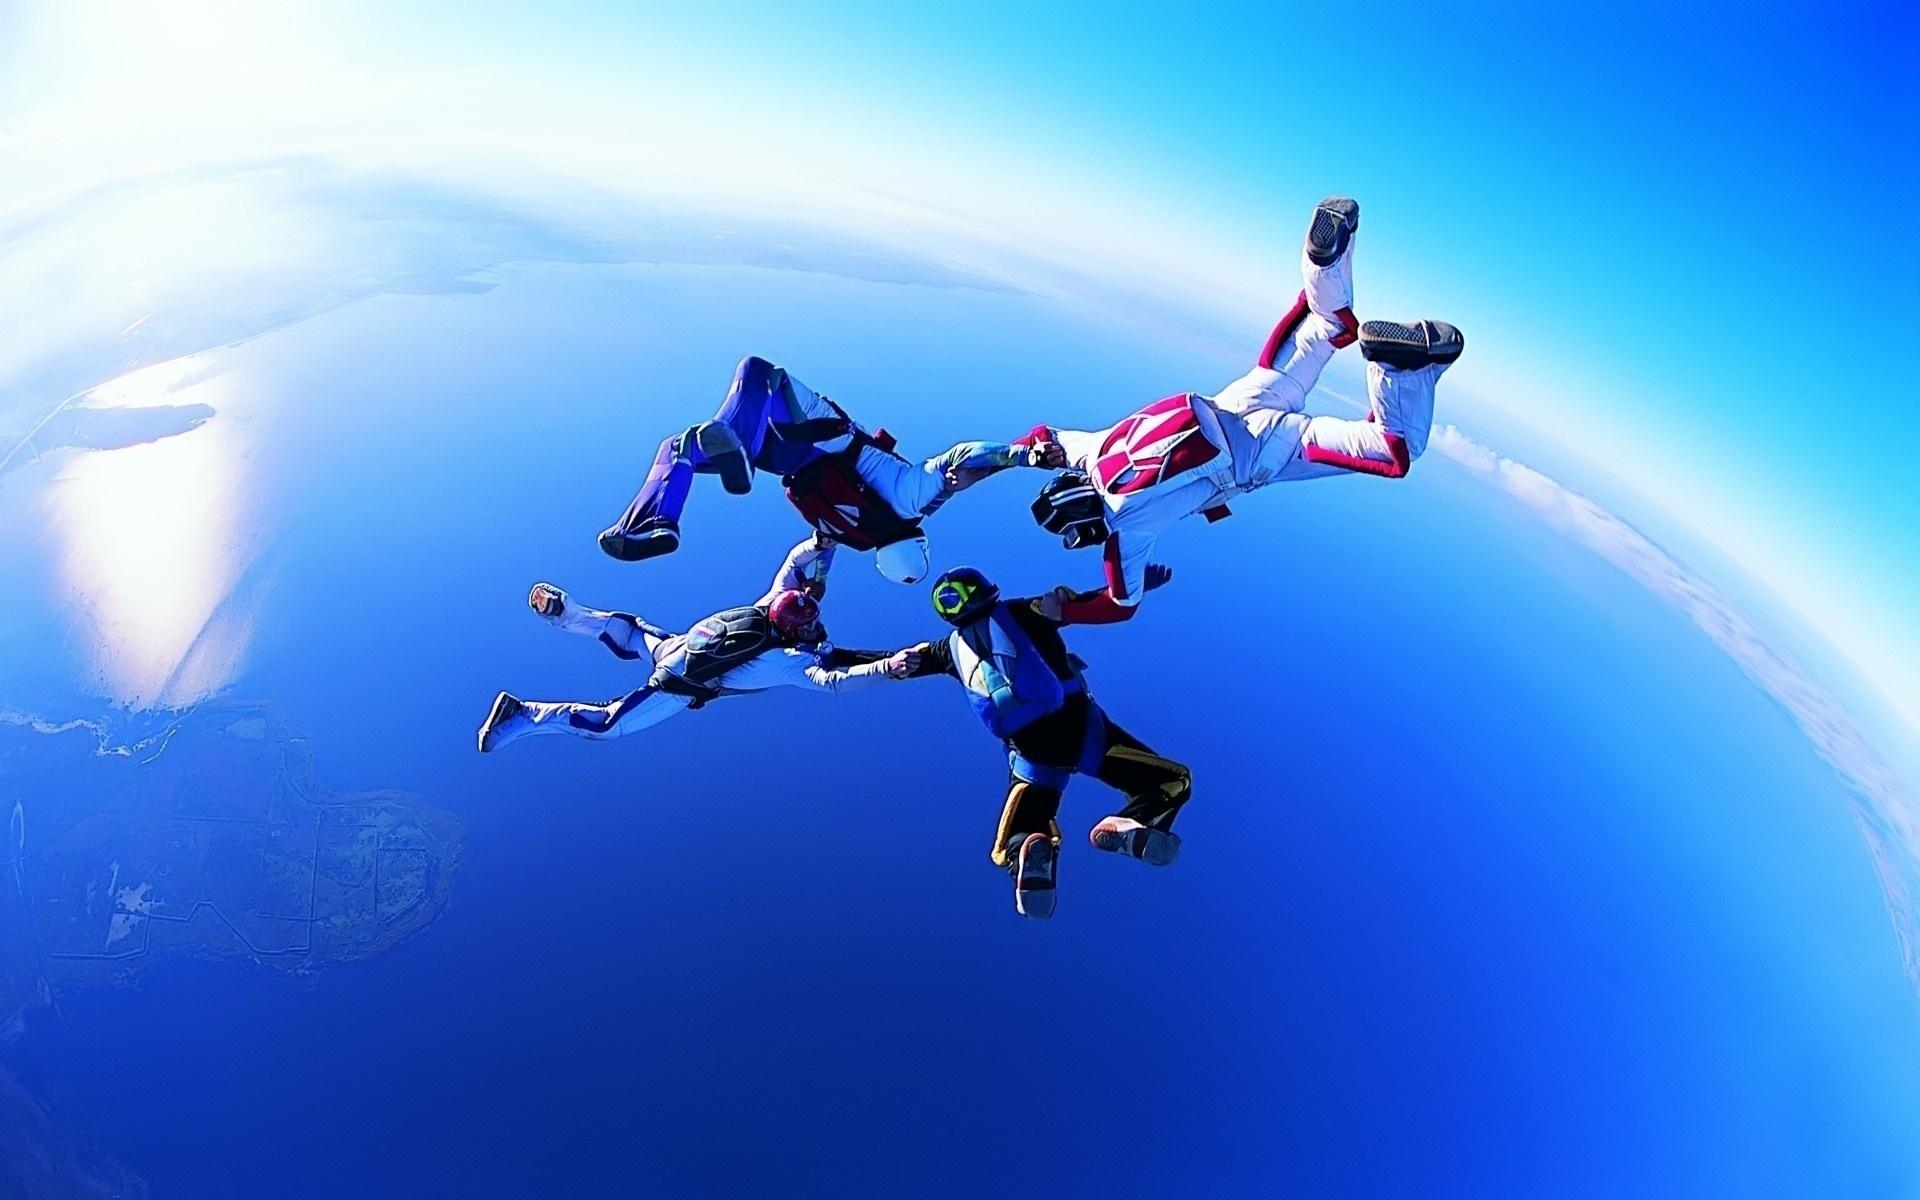 Вид парашютного спорта Групповая акробатика